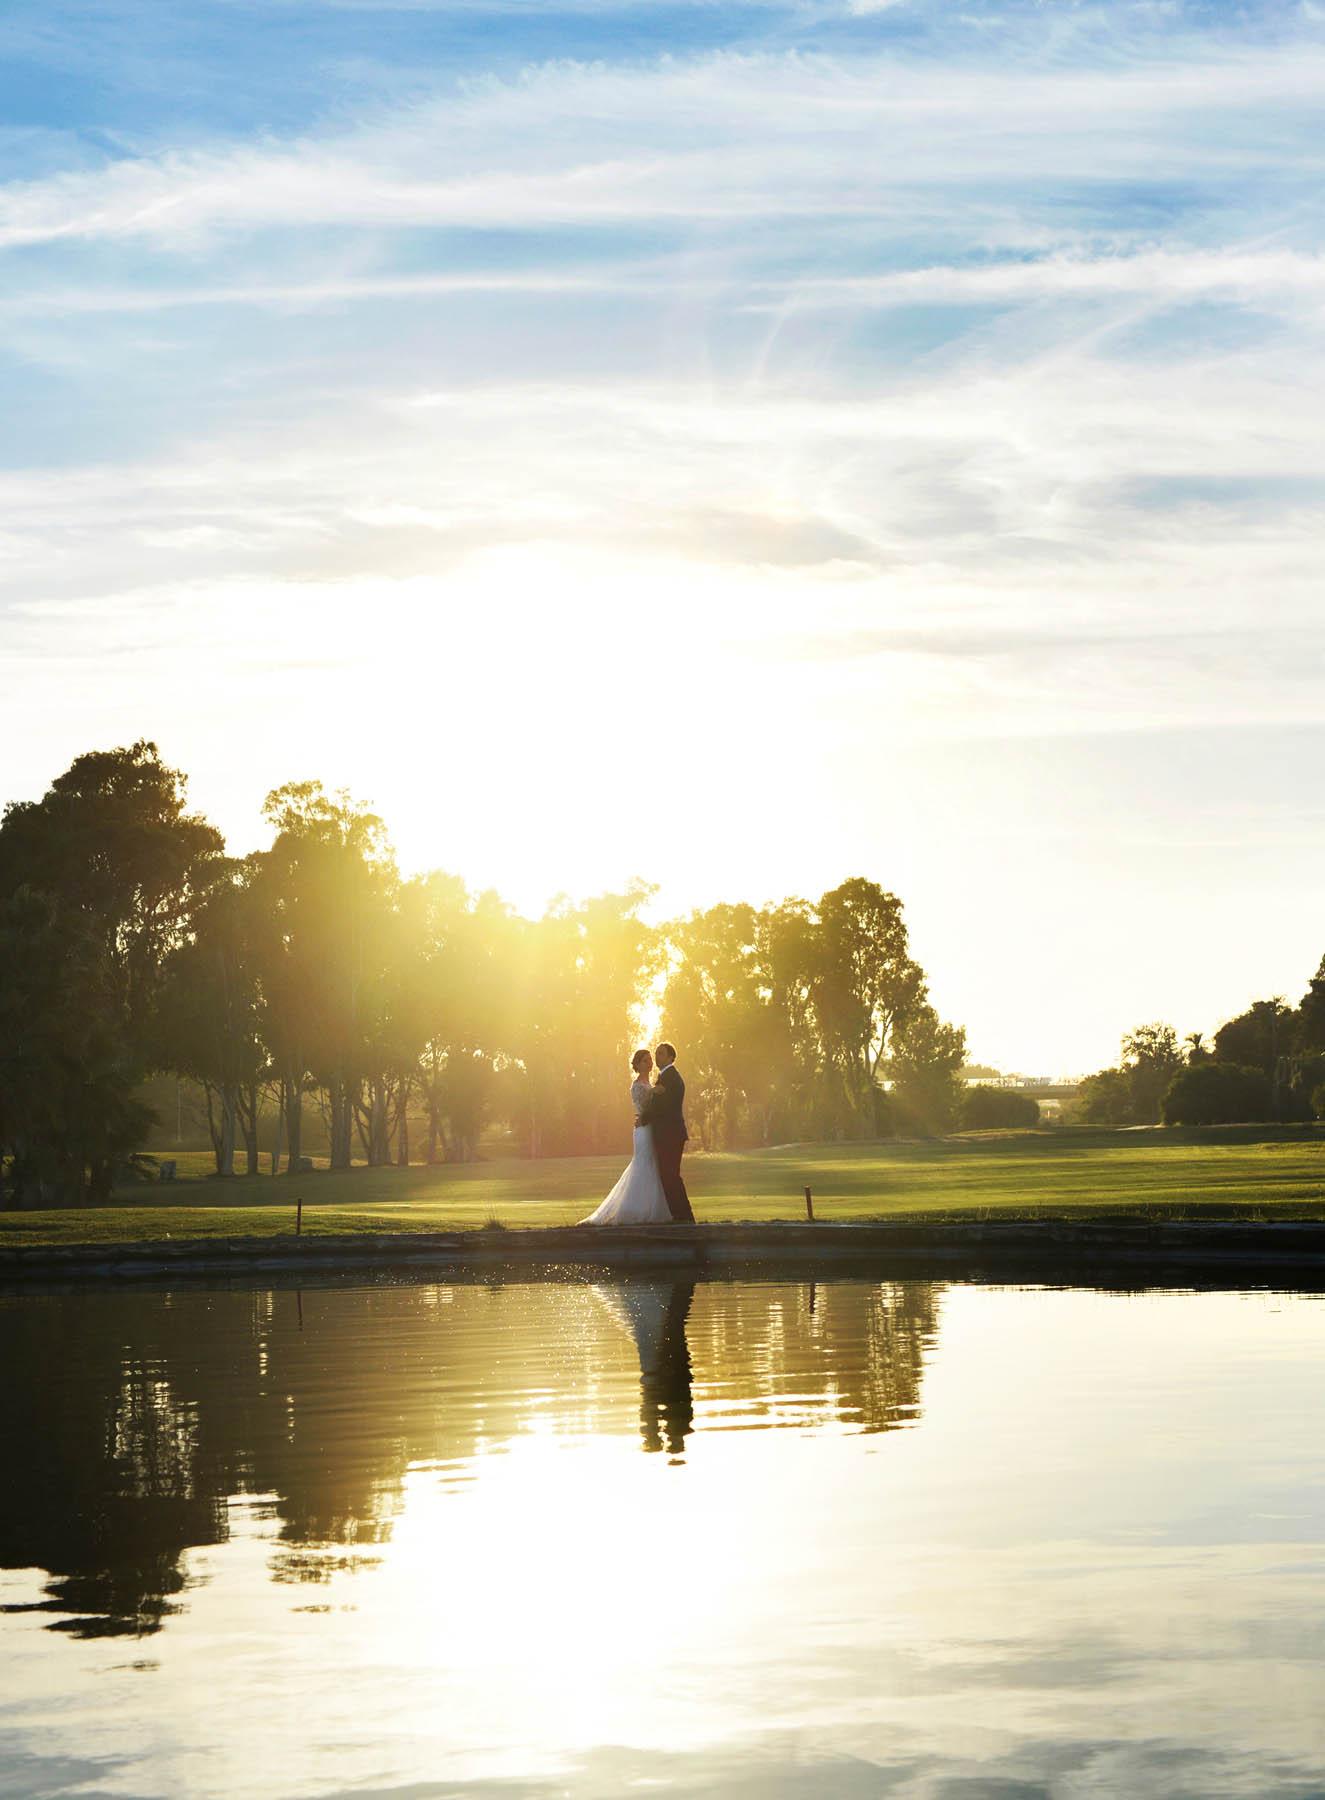 weddings parador golf malaga